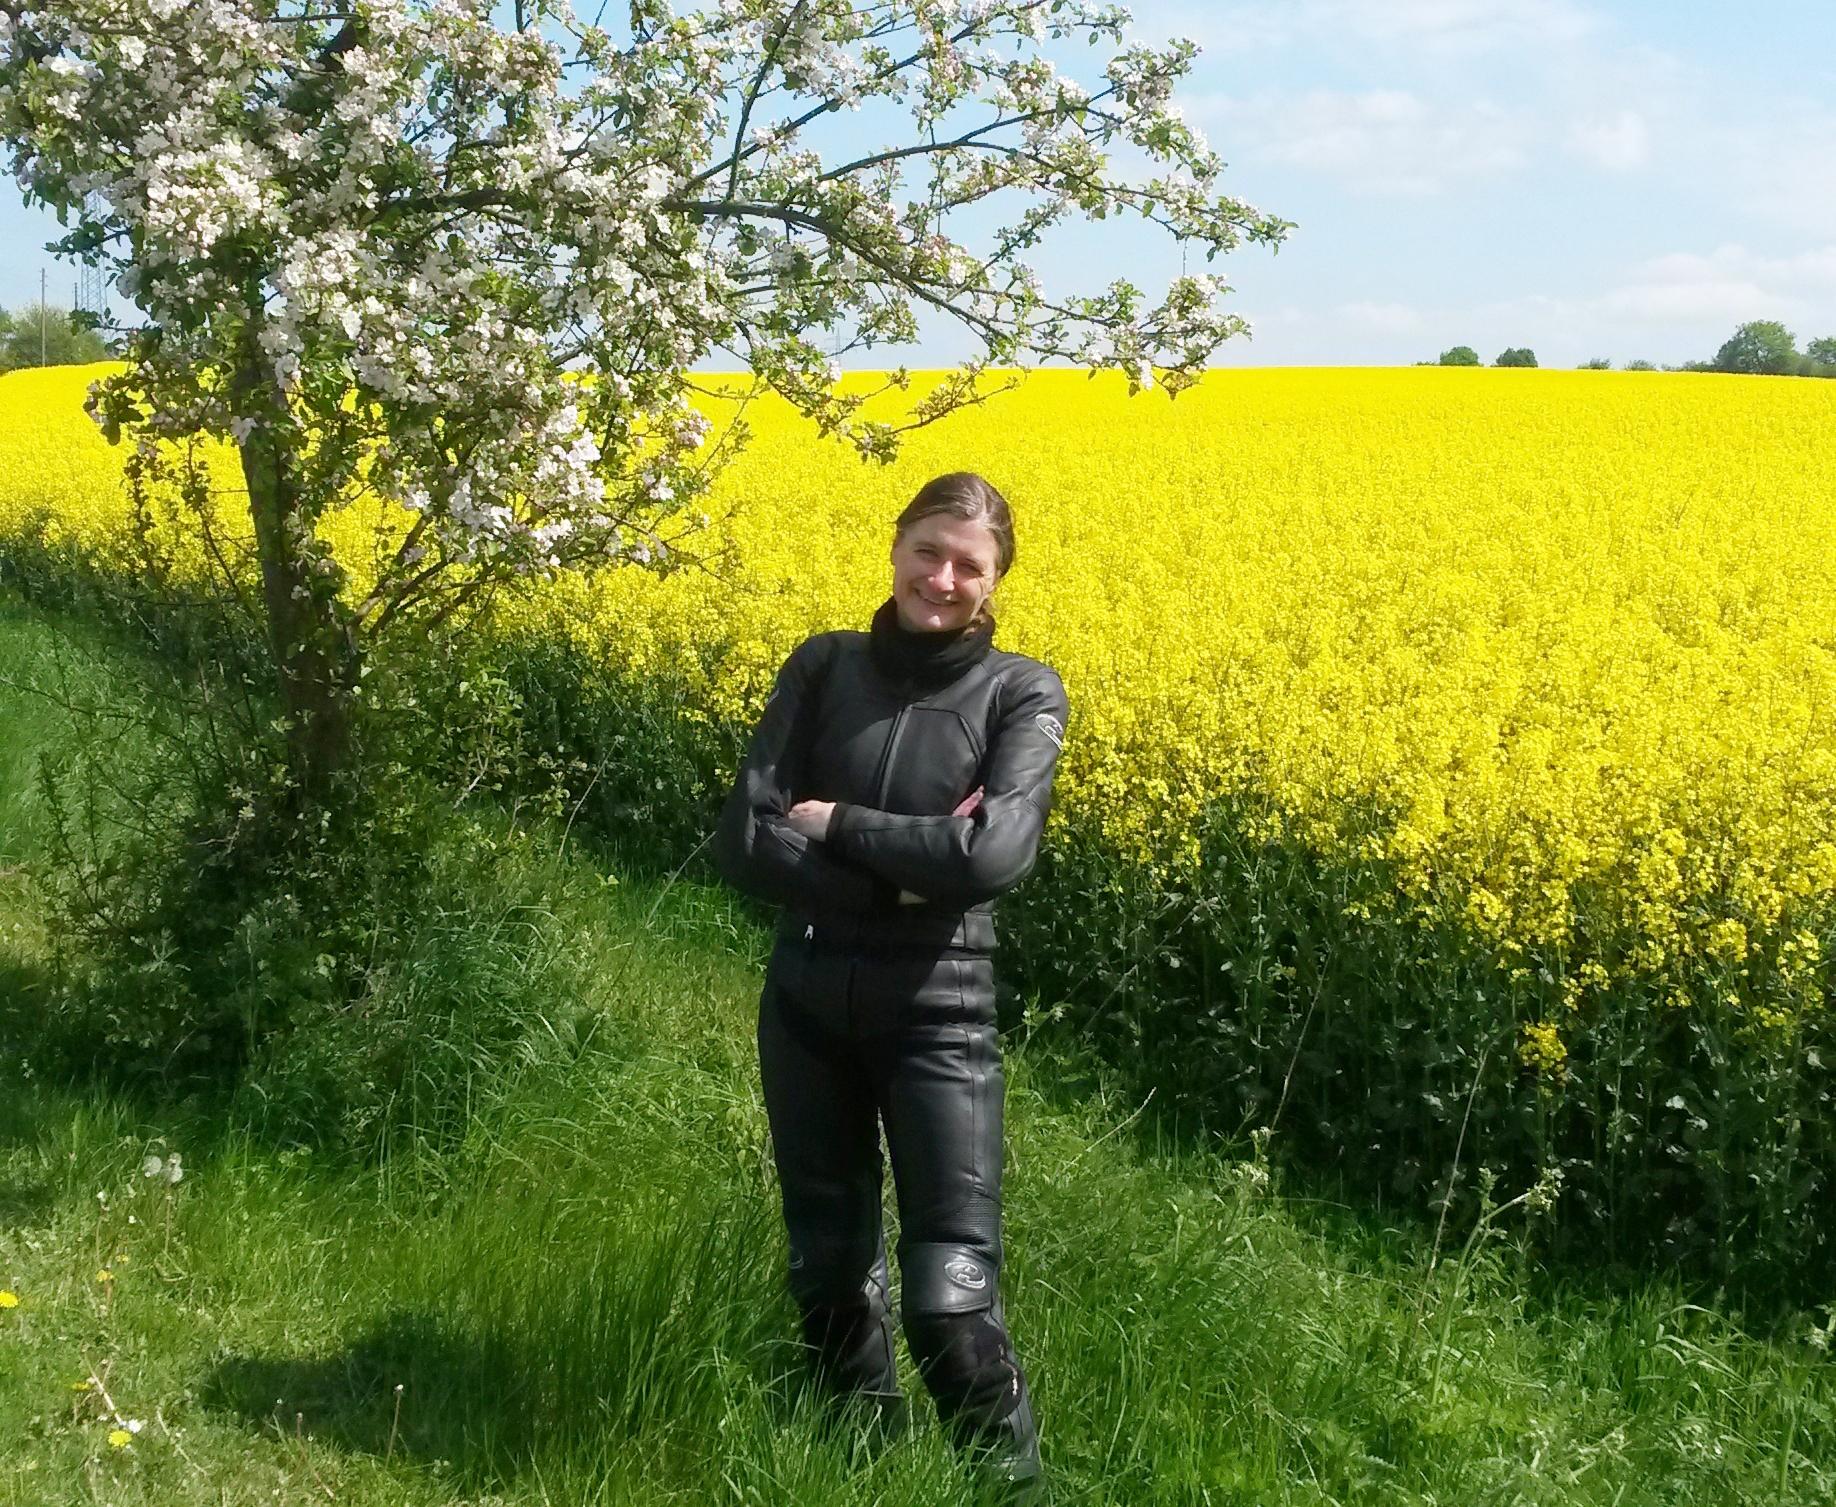 Kurvenjäger | motorradfahrer-unterwegs.de Motorradtouren in der Holsteinischen Schweiz zum Frühling